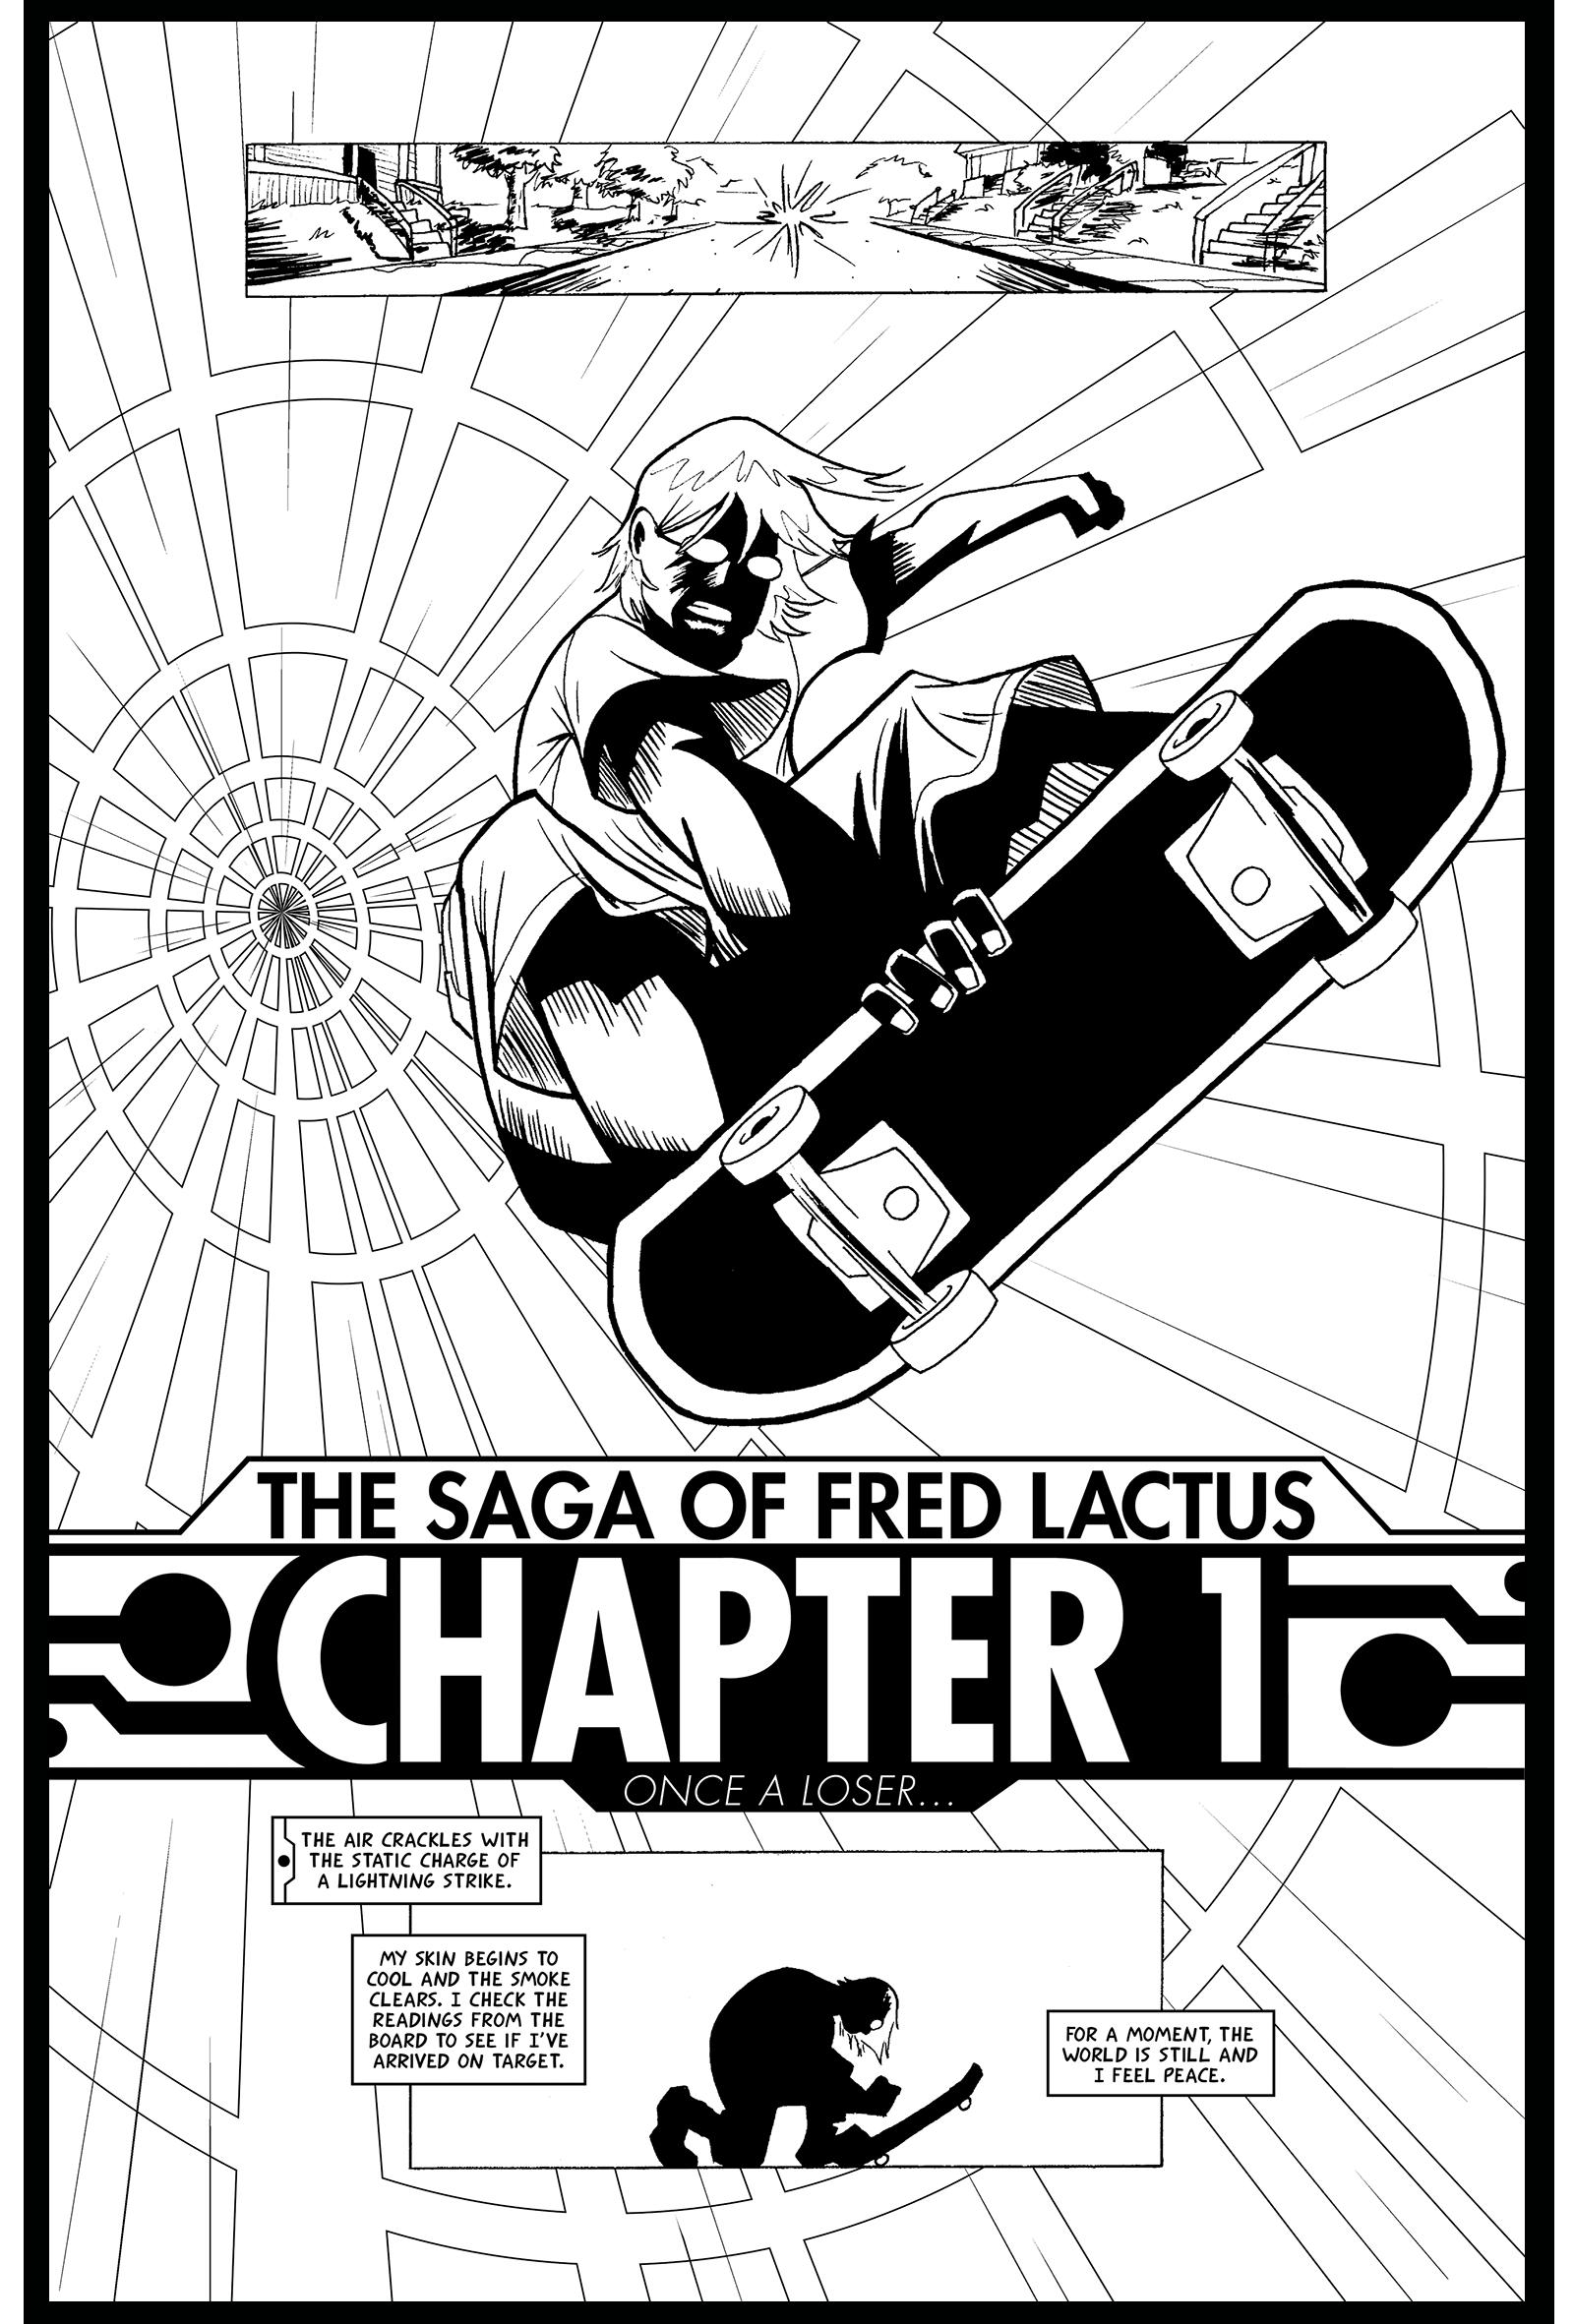 06-The-Saga-of-Fred-Lactus-1-2